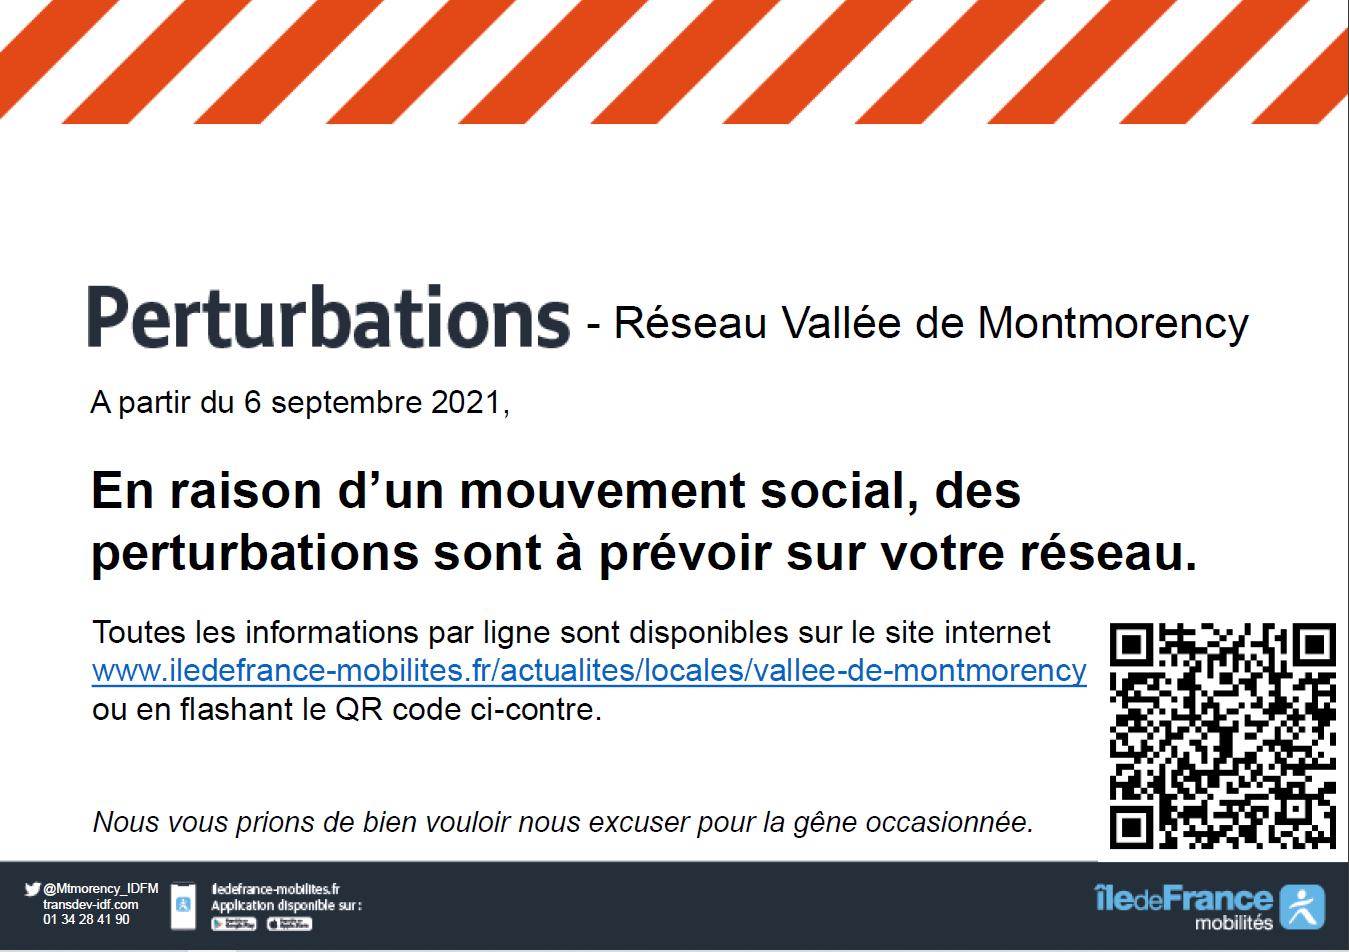 Perturbations - Réseau Vallée de Montmorency